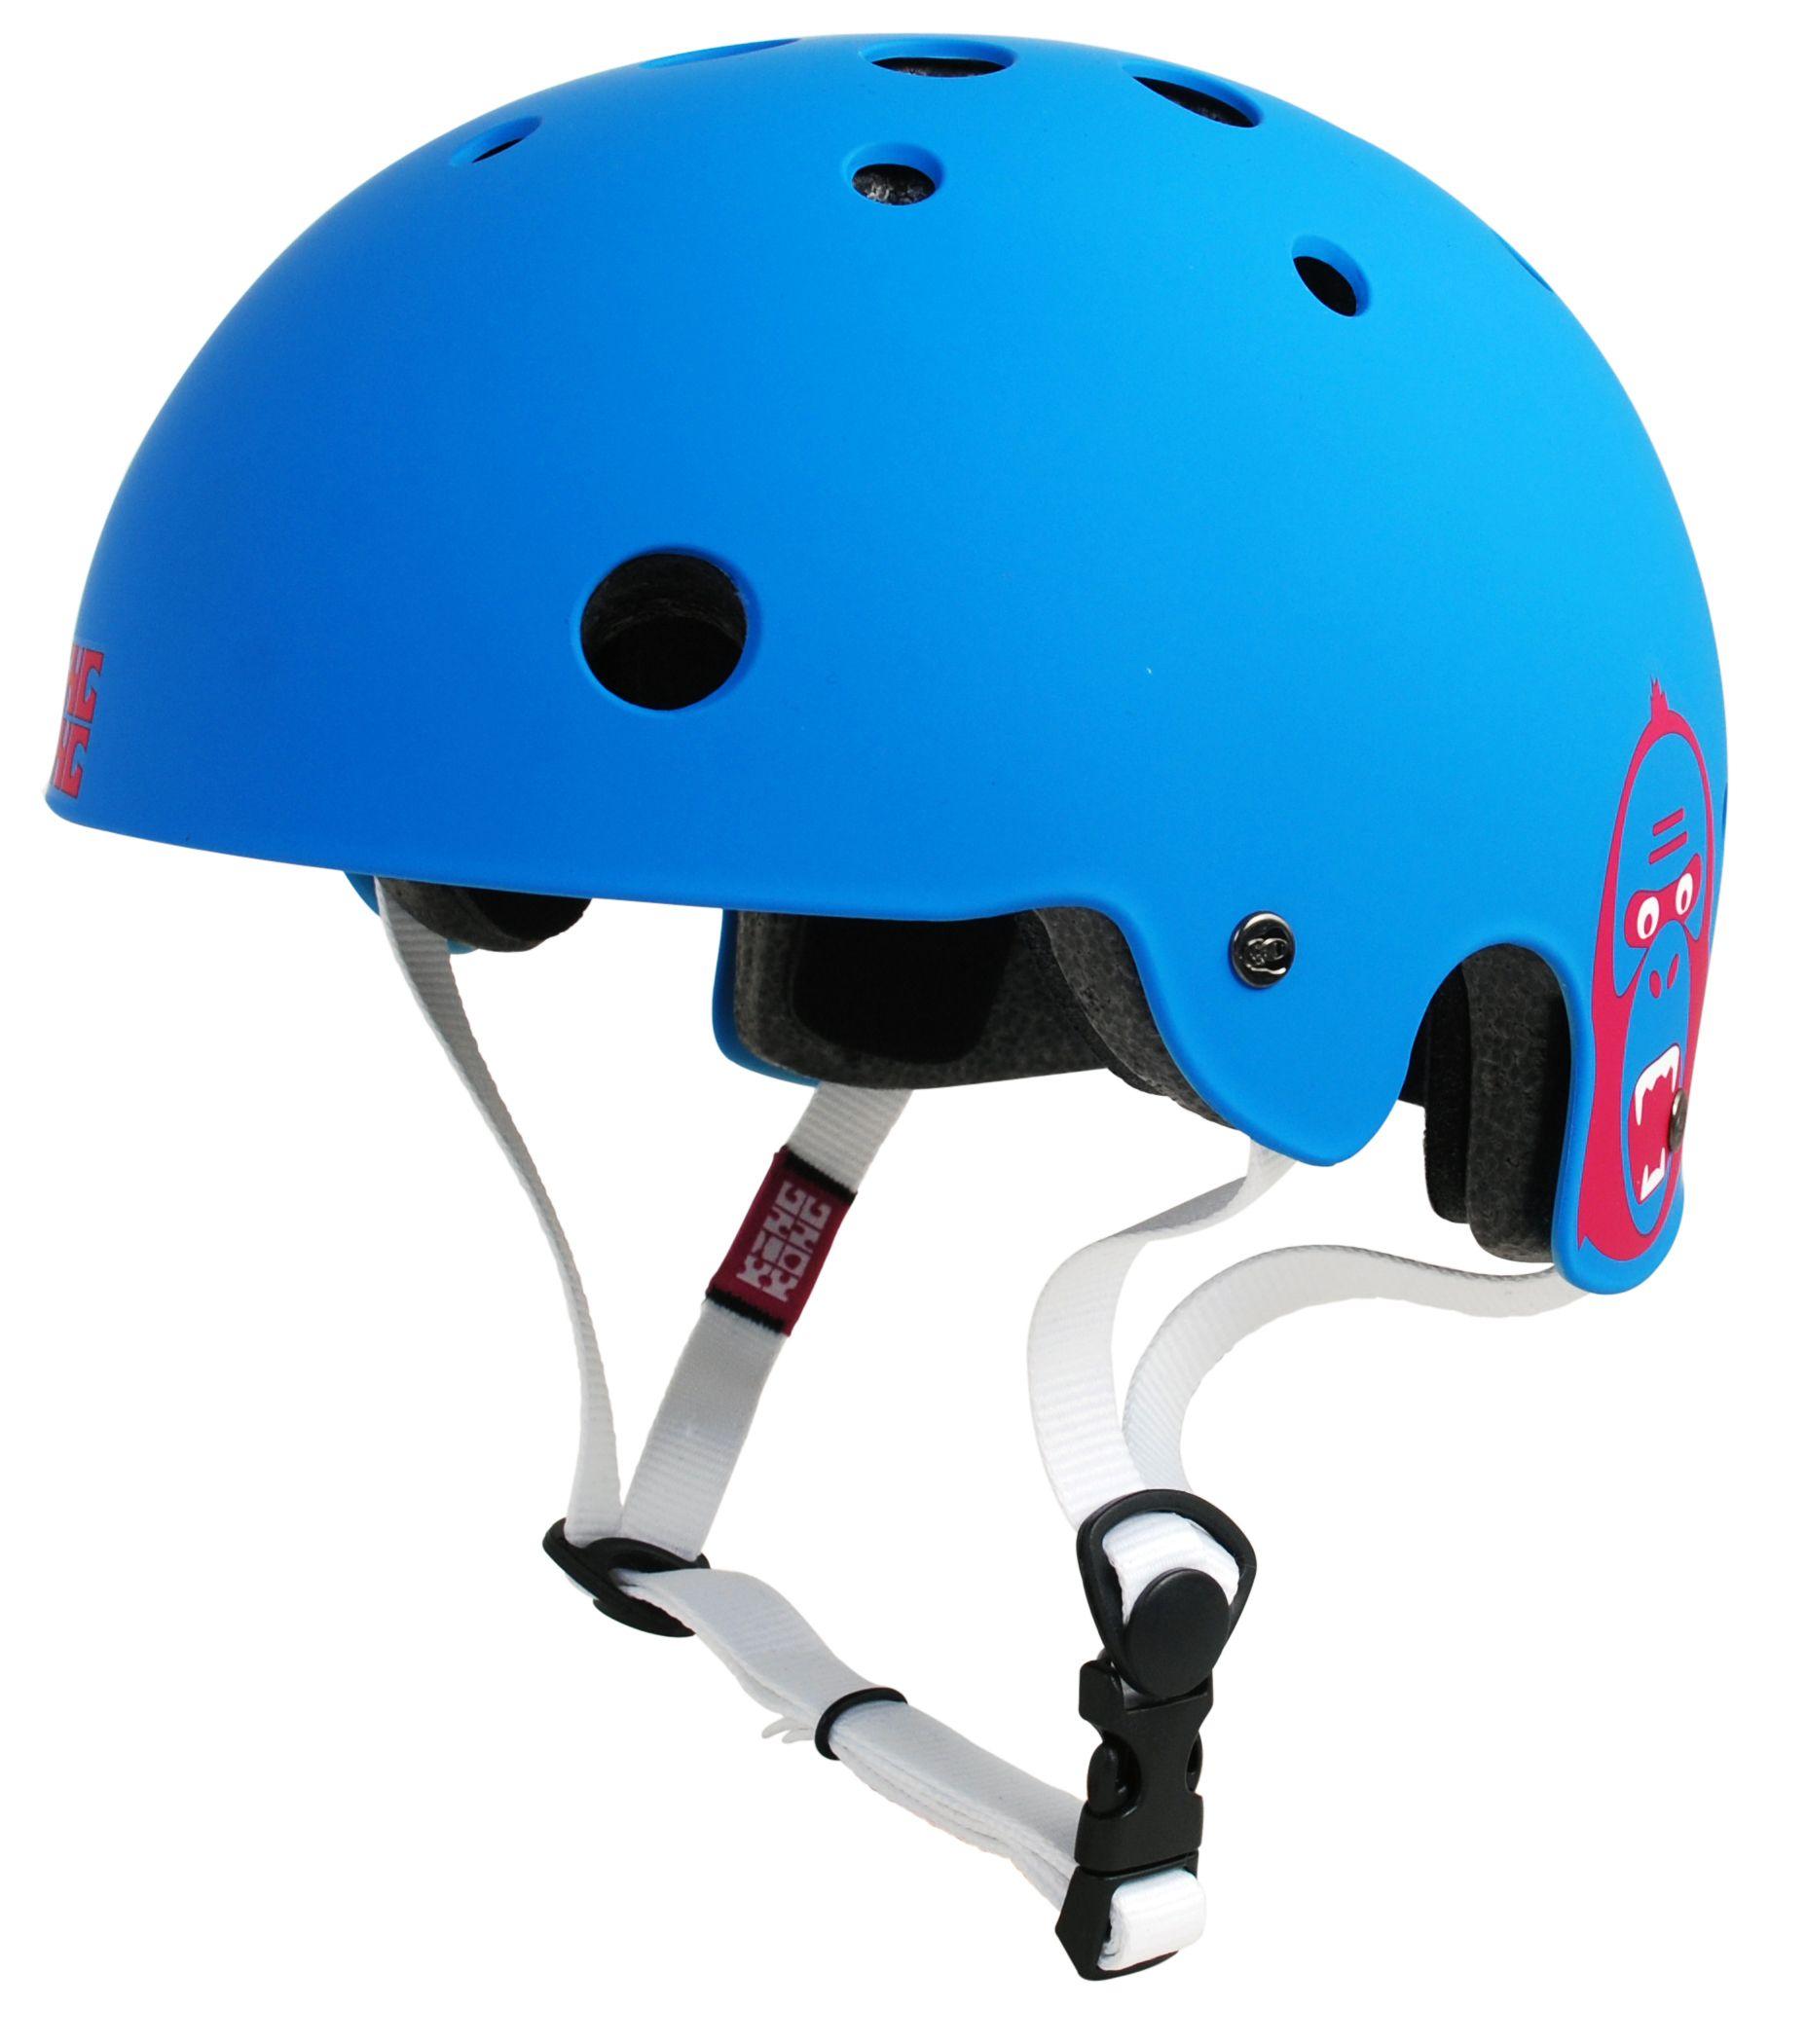 King Kong BMX Helmet v2 Matt Cyan £10.99 @ customriders / eBay